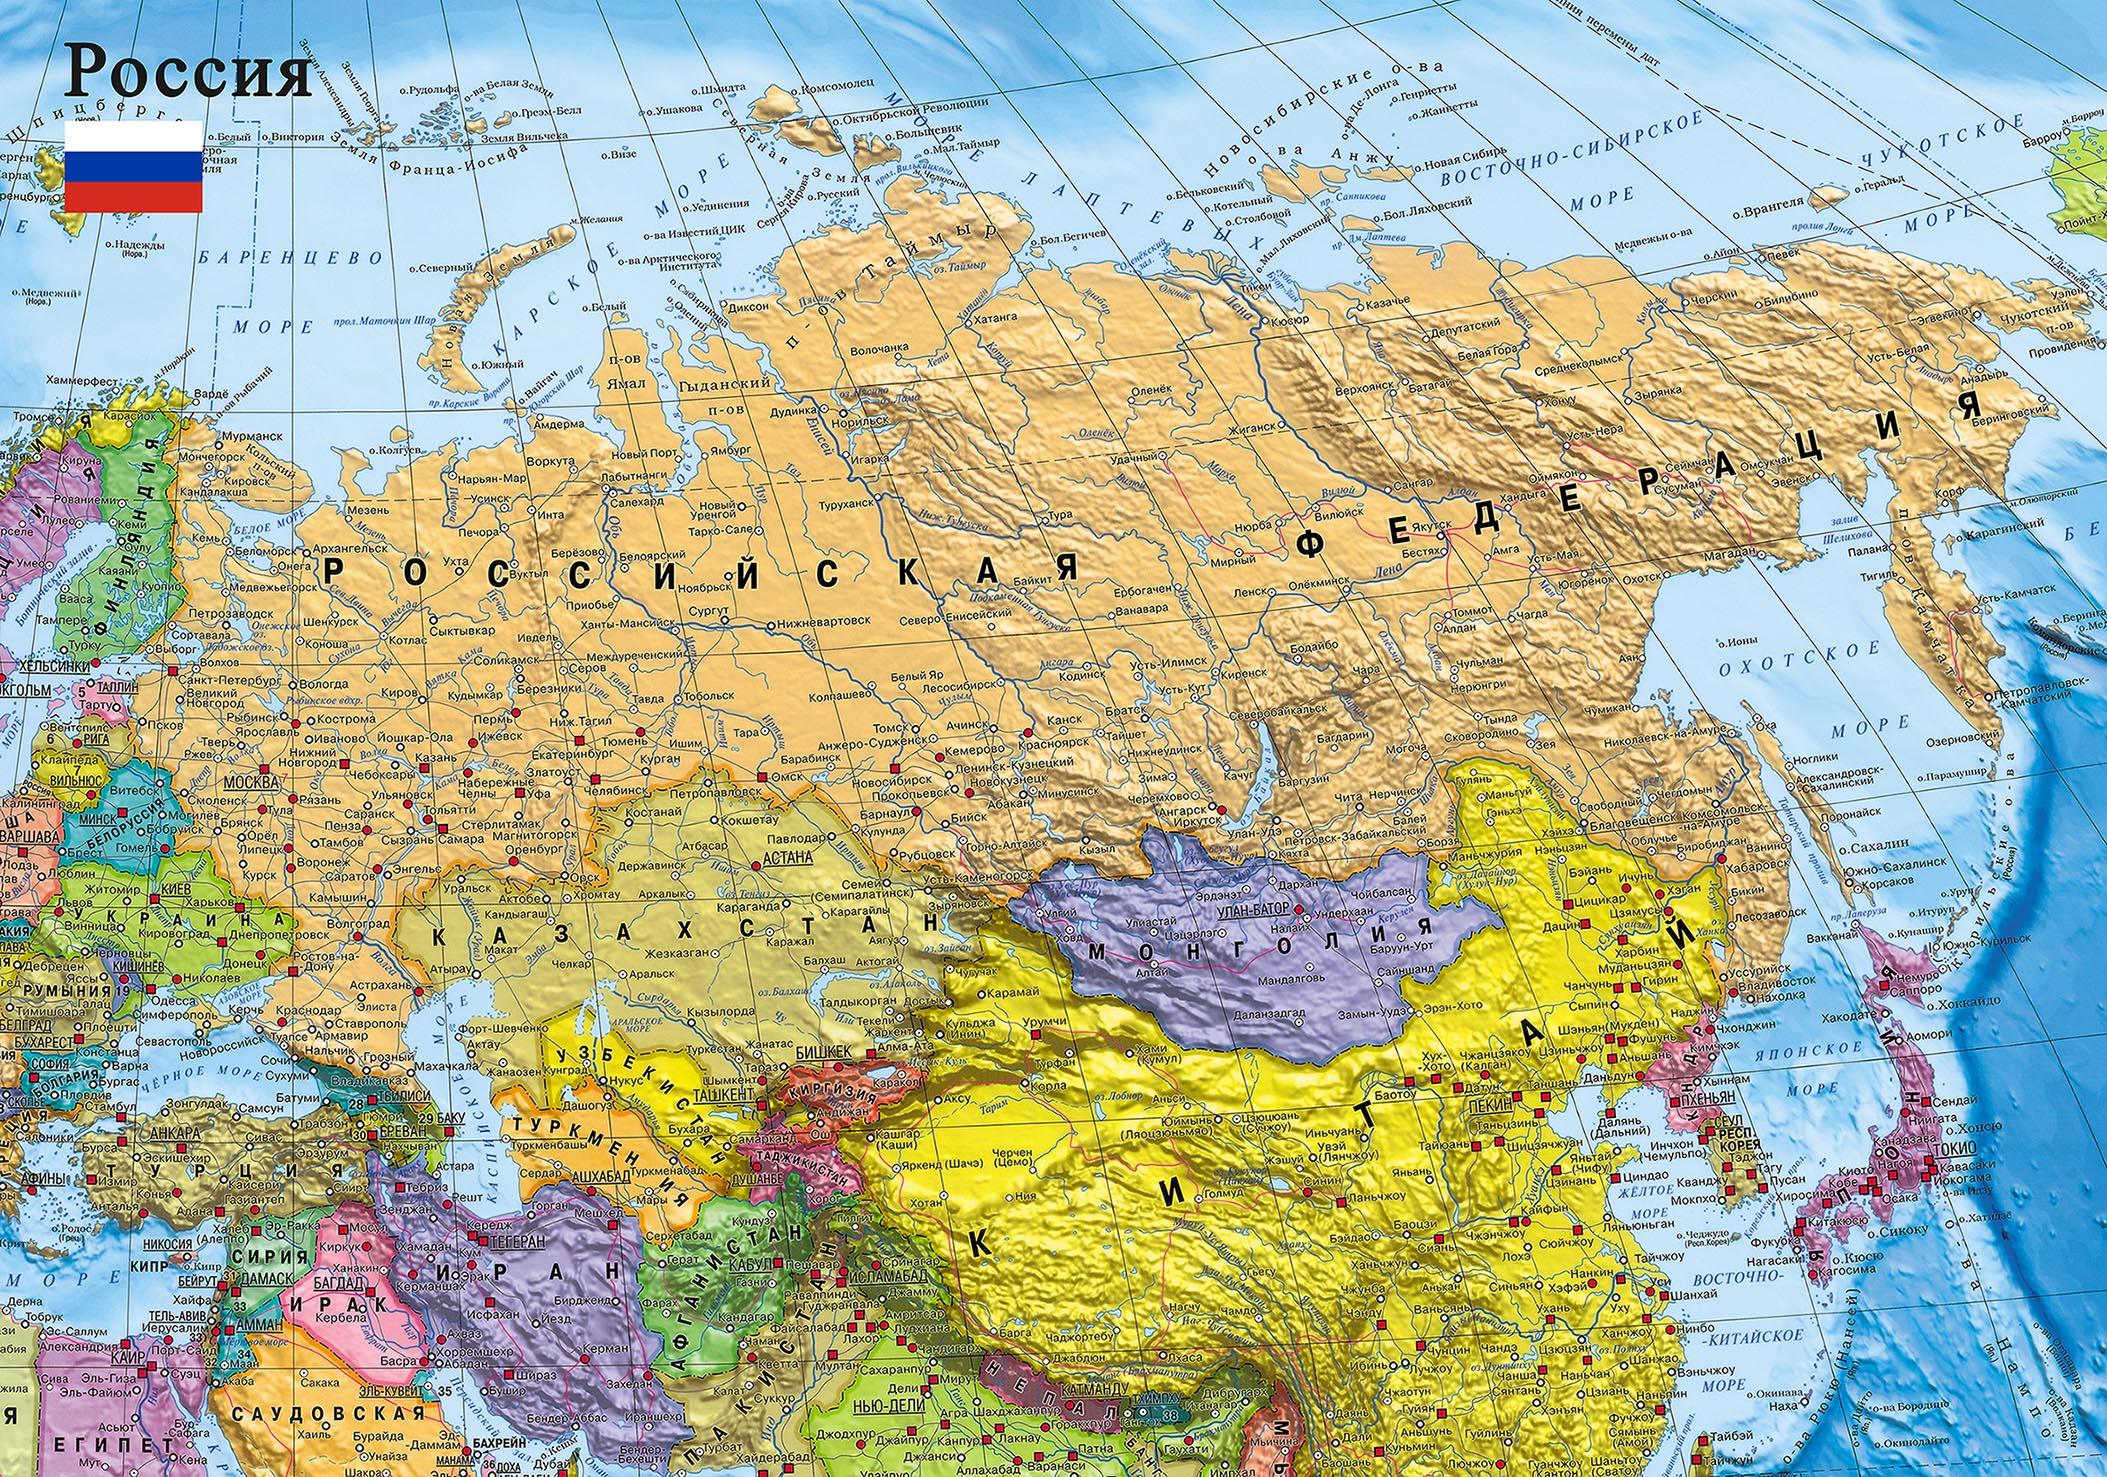 атлас автомобильных дорог россии скачать бесплатно без регистрации